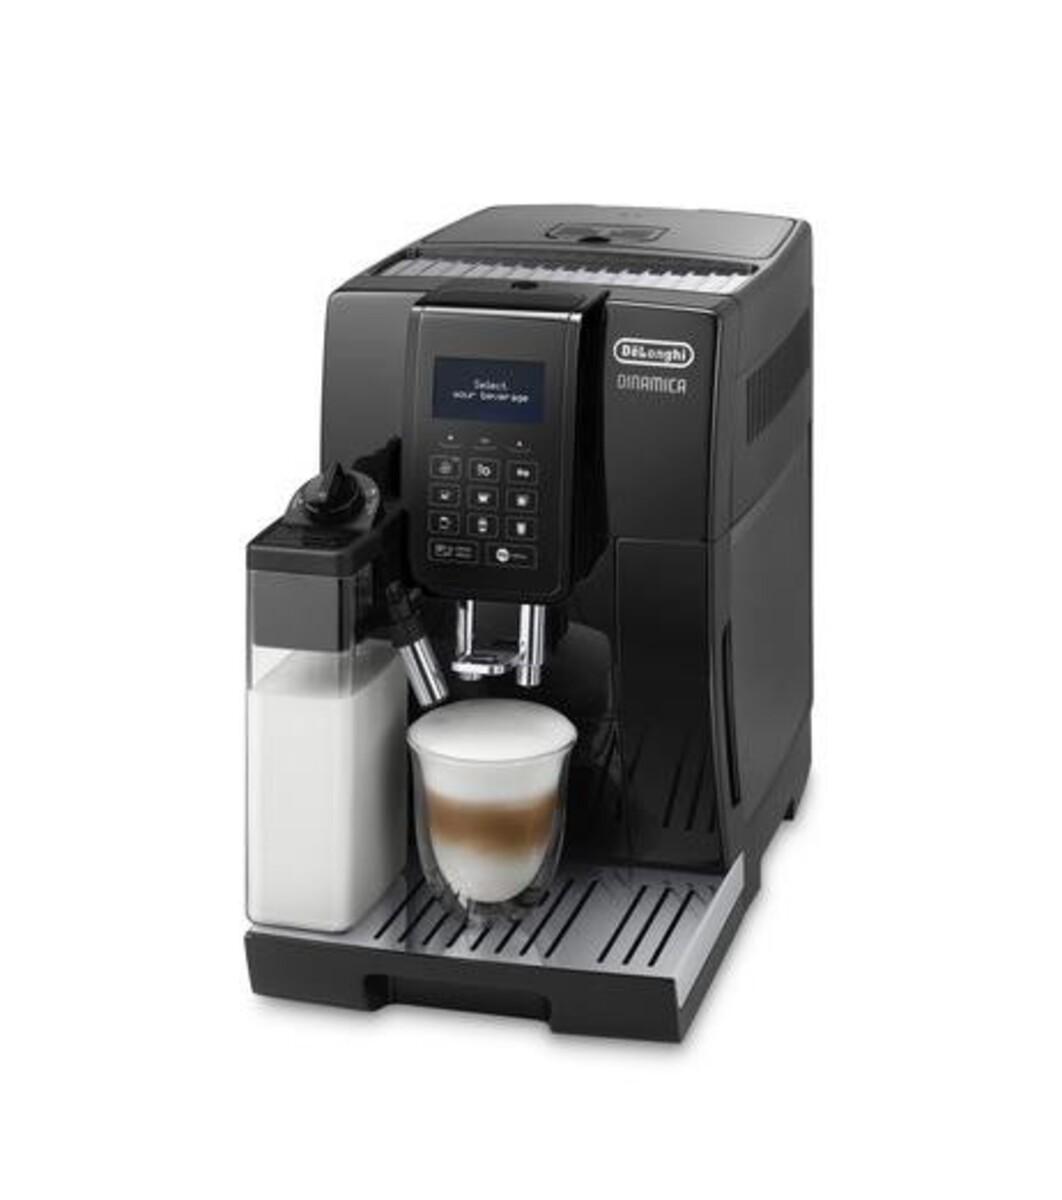 Bild 2 von Delonghi Kaffeevollautomat Ecam 35375 |  B-Ware - der Artikel ist neu - Verpackung beschädigt